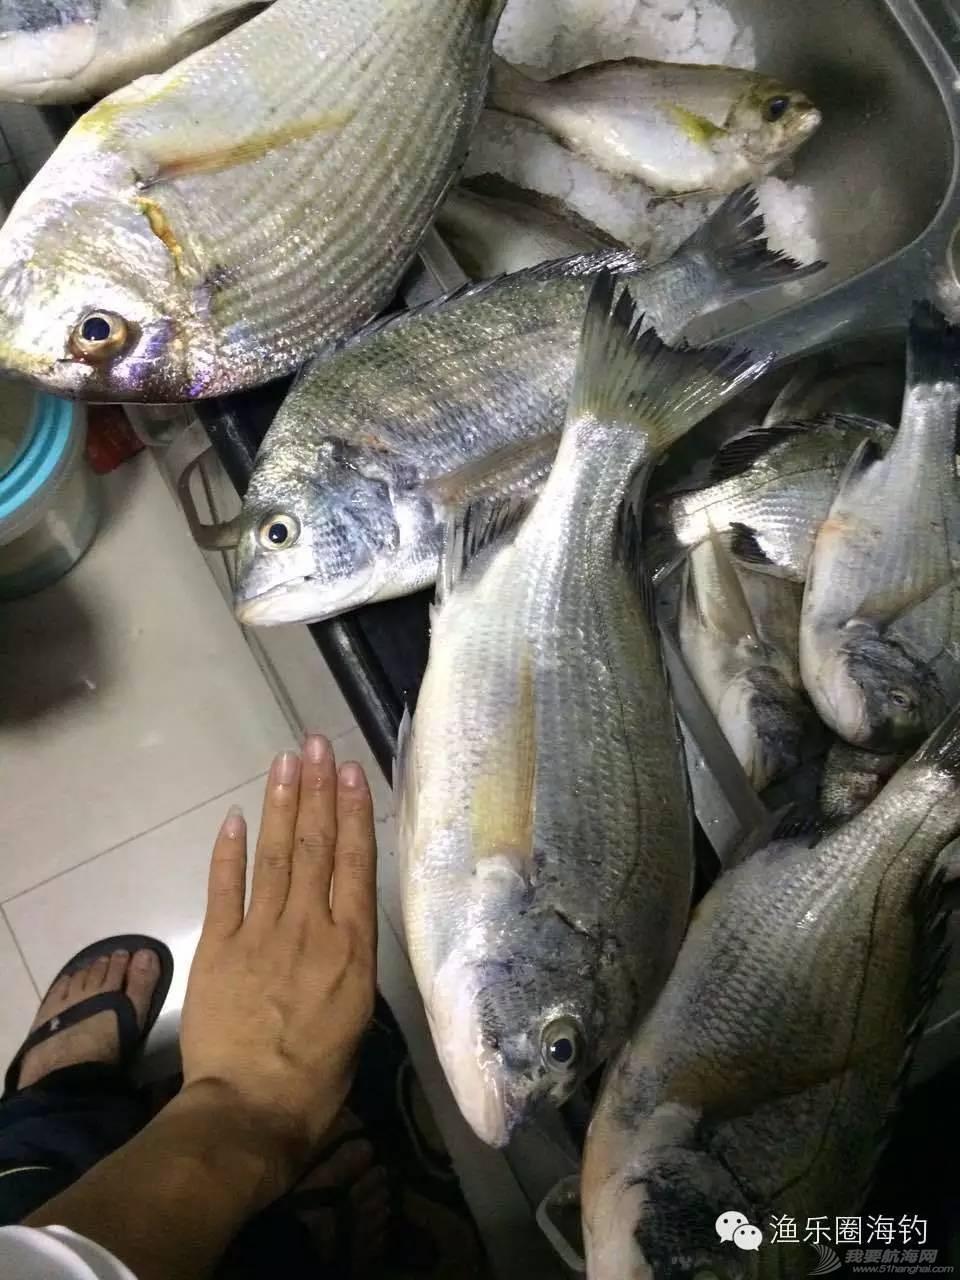 渔乐圈钓友周末渔获精选w5.jpg